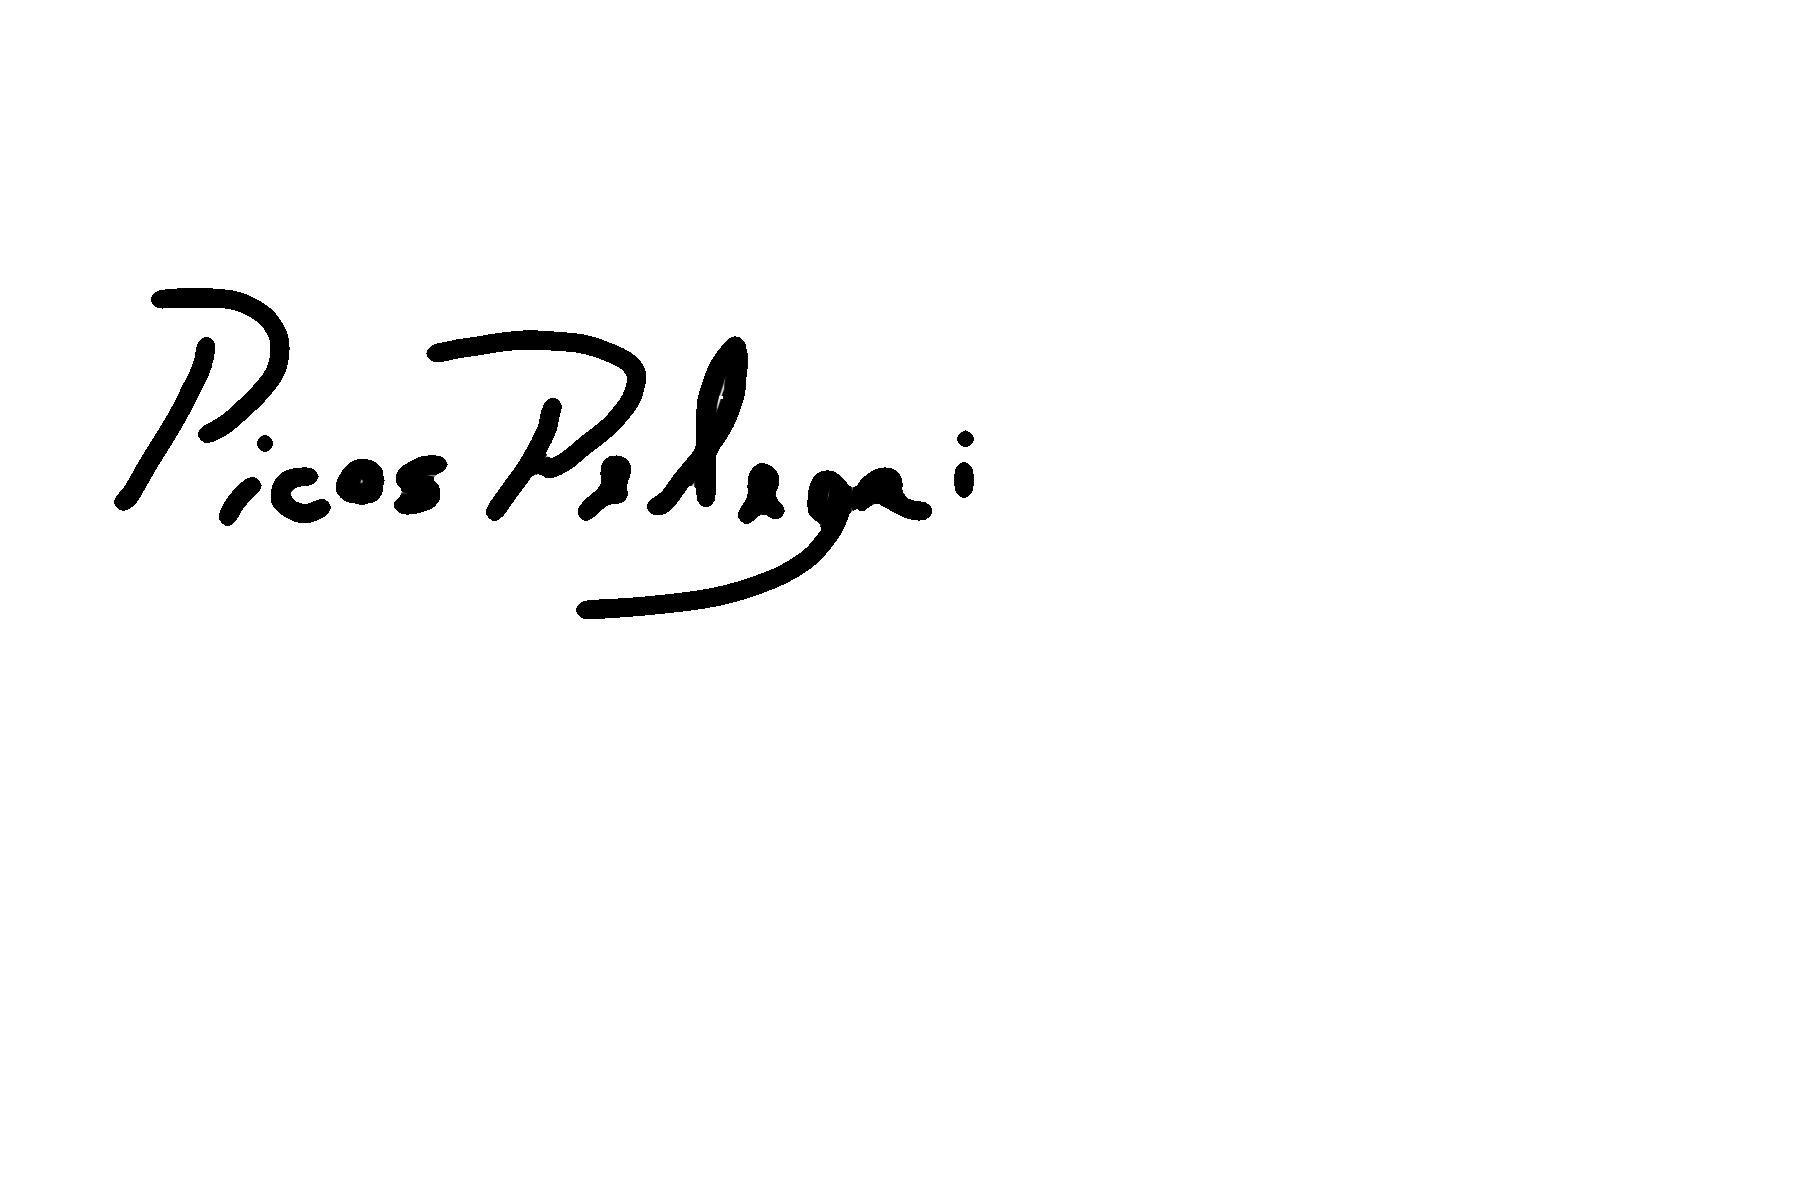 MARIANO PICOS's Signature